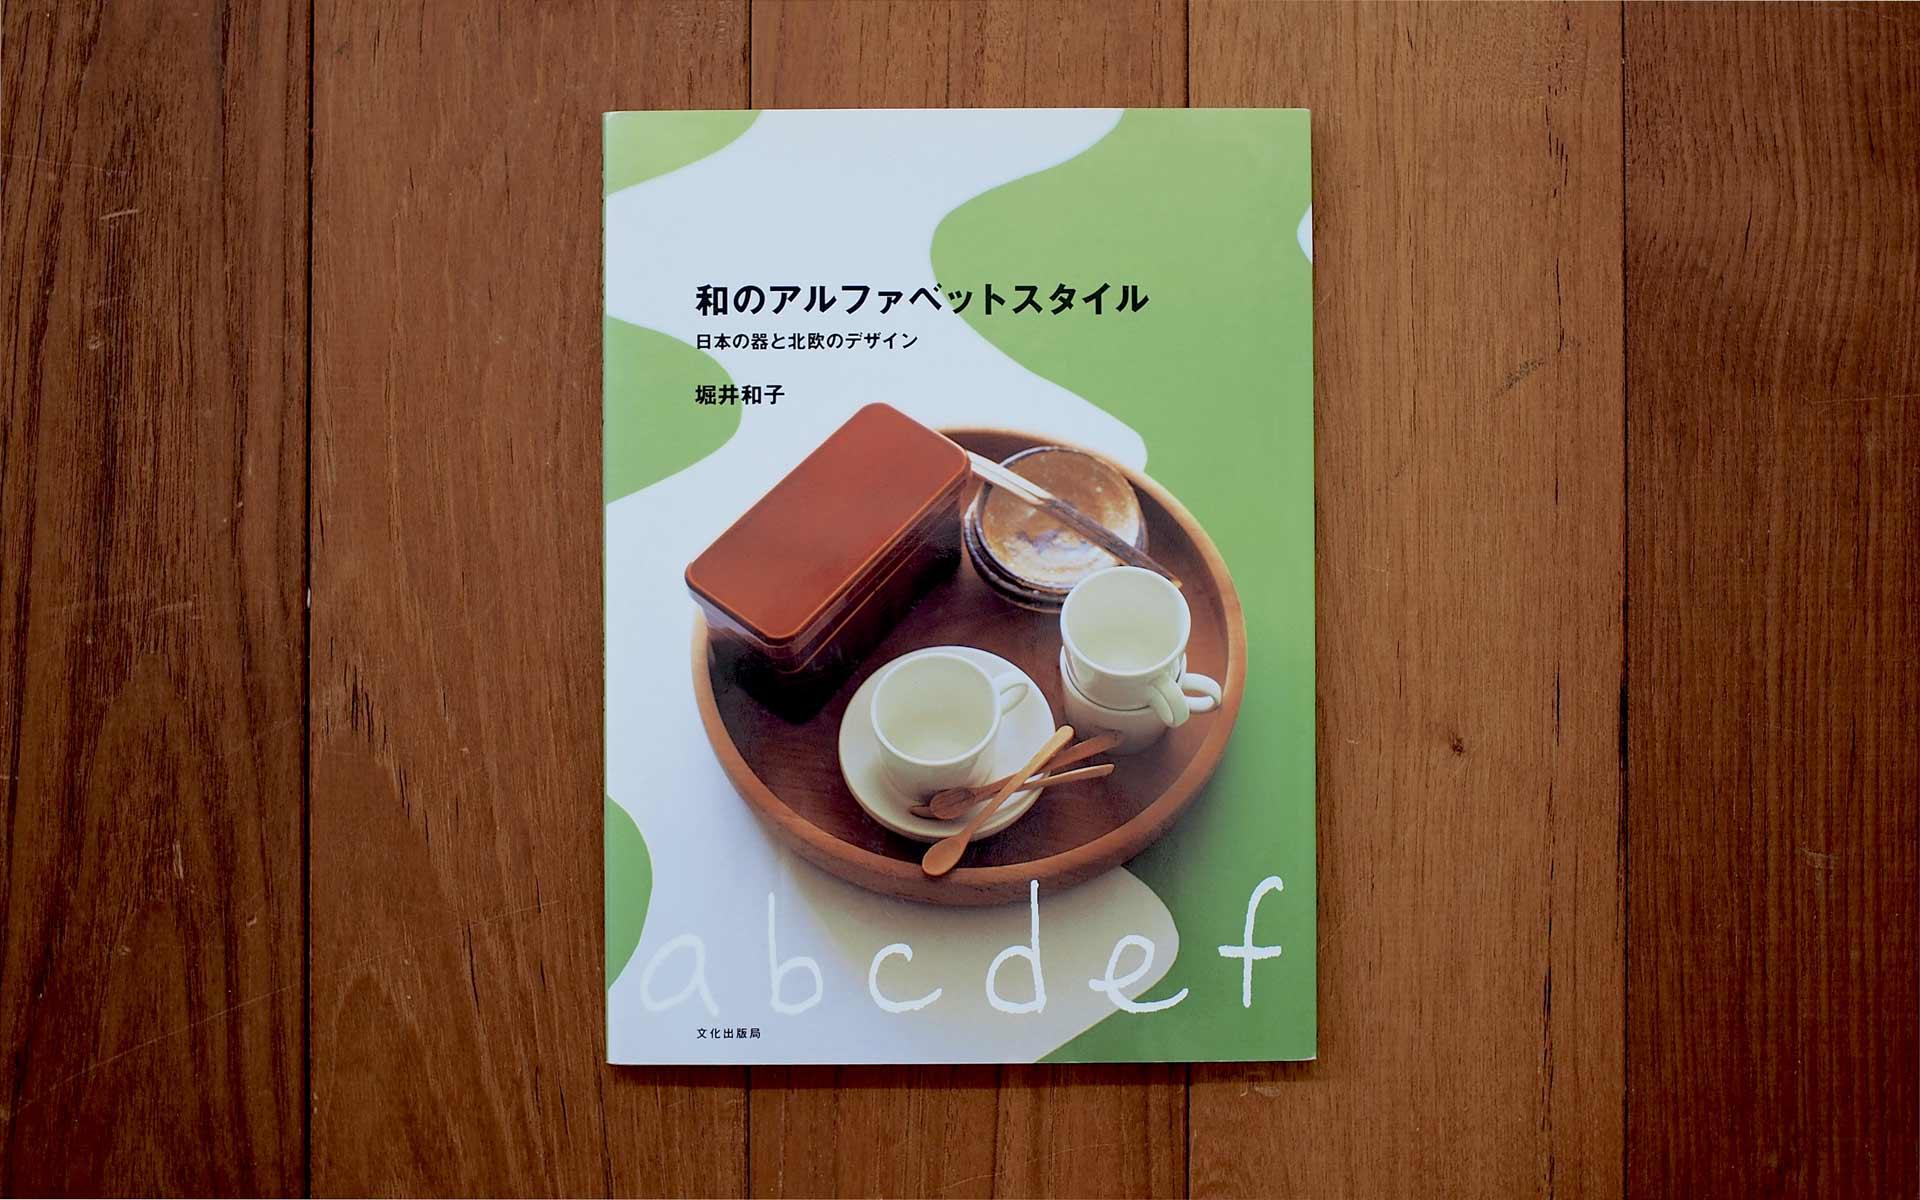 細萱久美が選ぶ、生活と工芸を知る本棚『堀井和子 和のアルファベットスタイル 日本の器と北欧のデザイン』